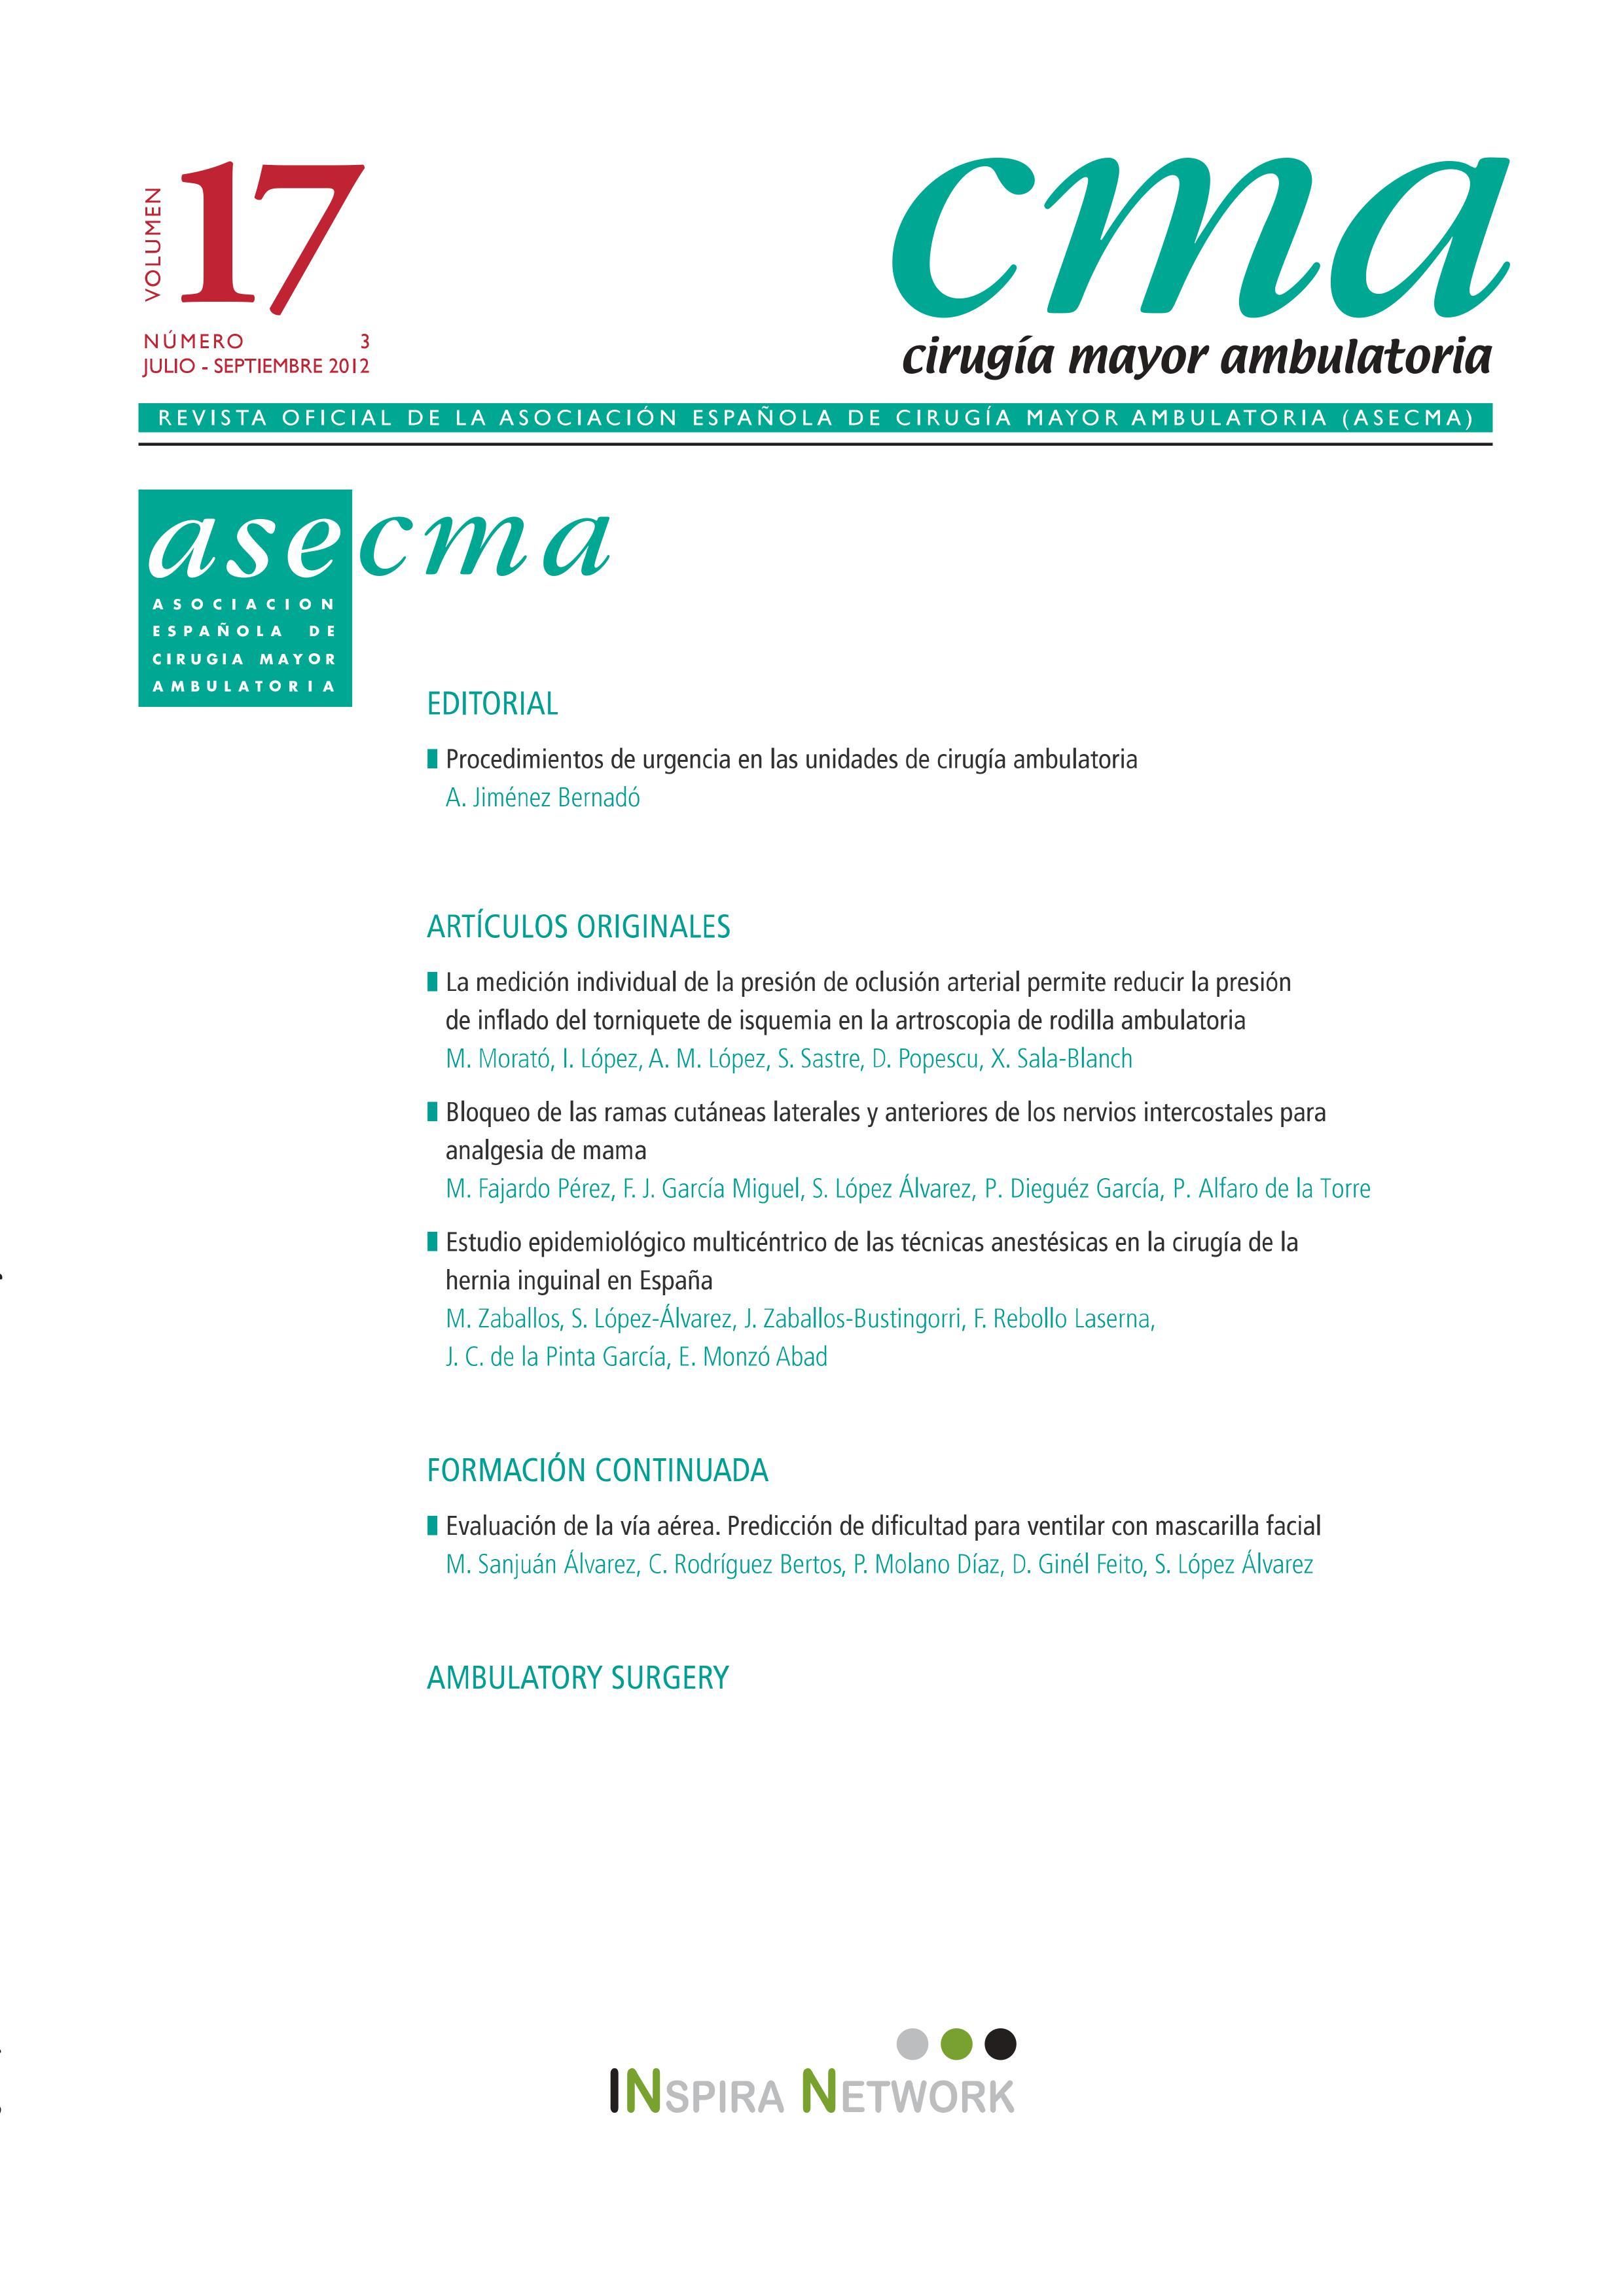 Circuito Quirurgico : Asecma